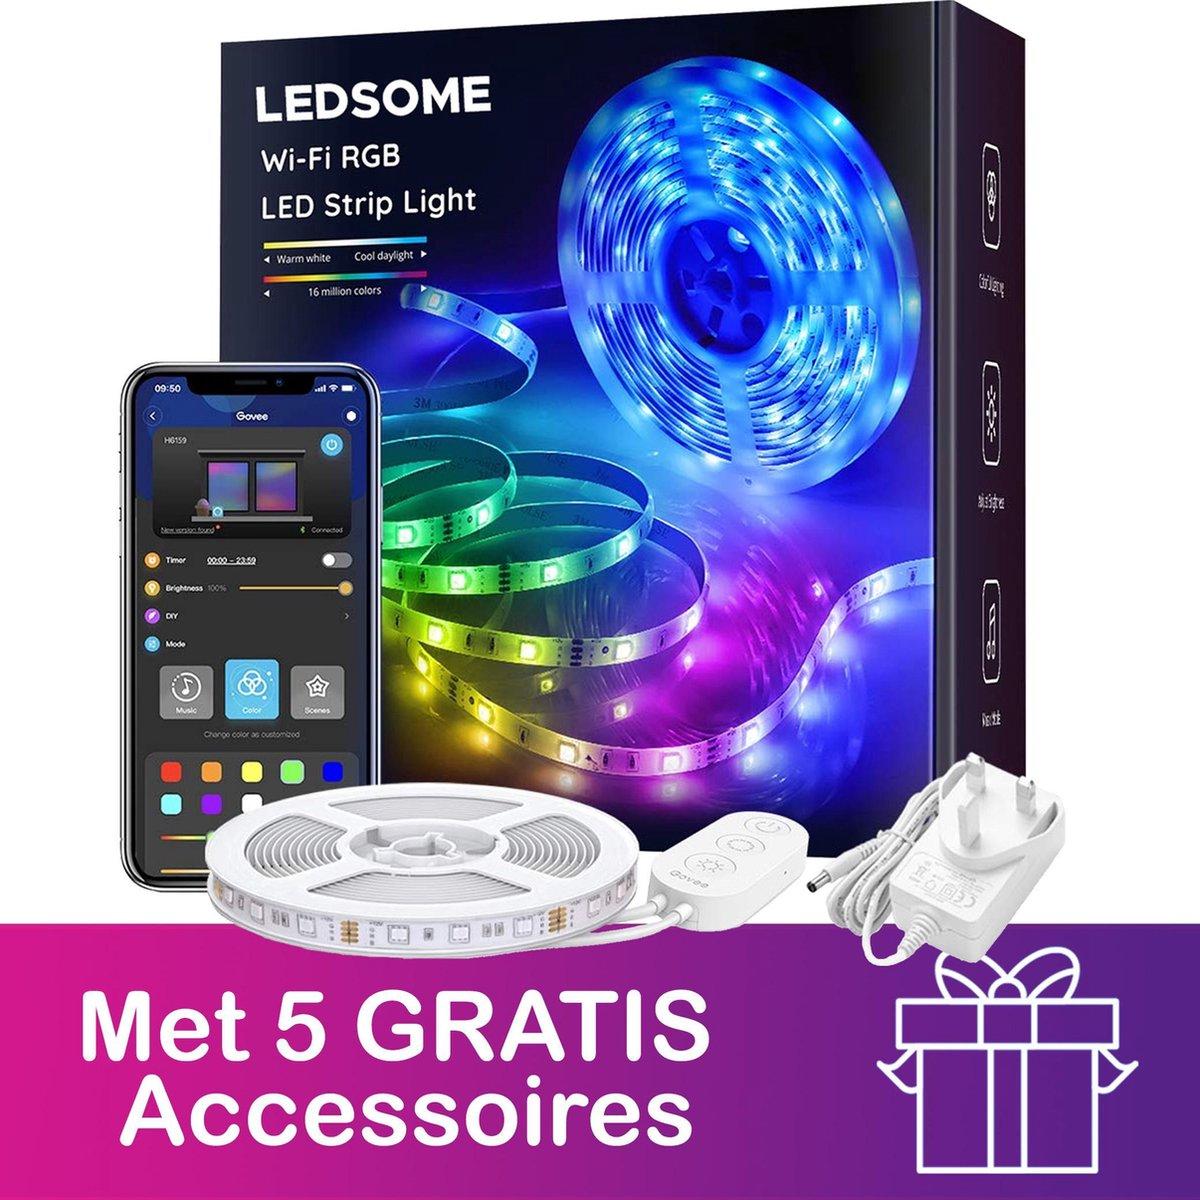 Ledsome RGB LED Light Strip - 10 Meter - Lichtsnoer - LED Lamp - Sfeer Verlichting - 16 Miljoen Kleuren - 300 LEDS